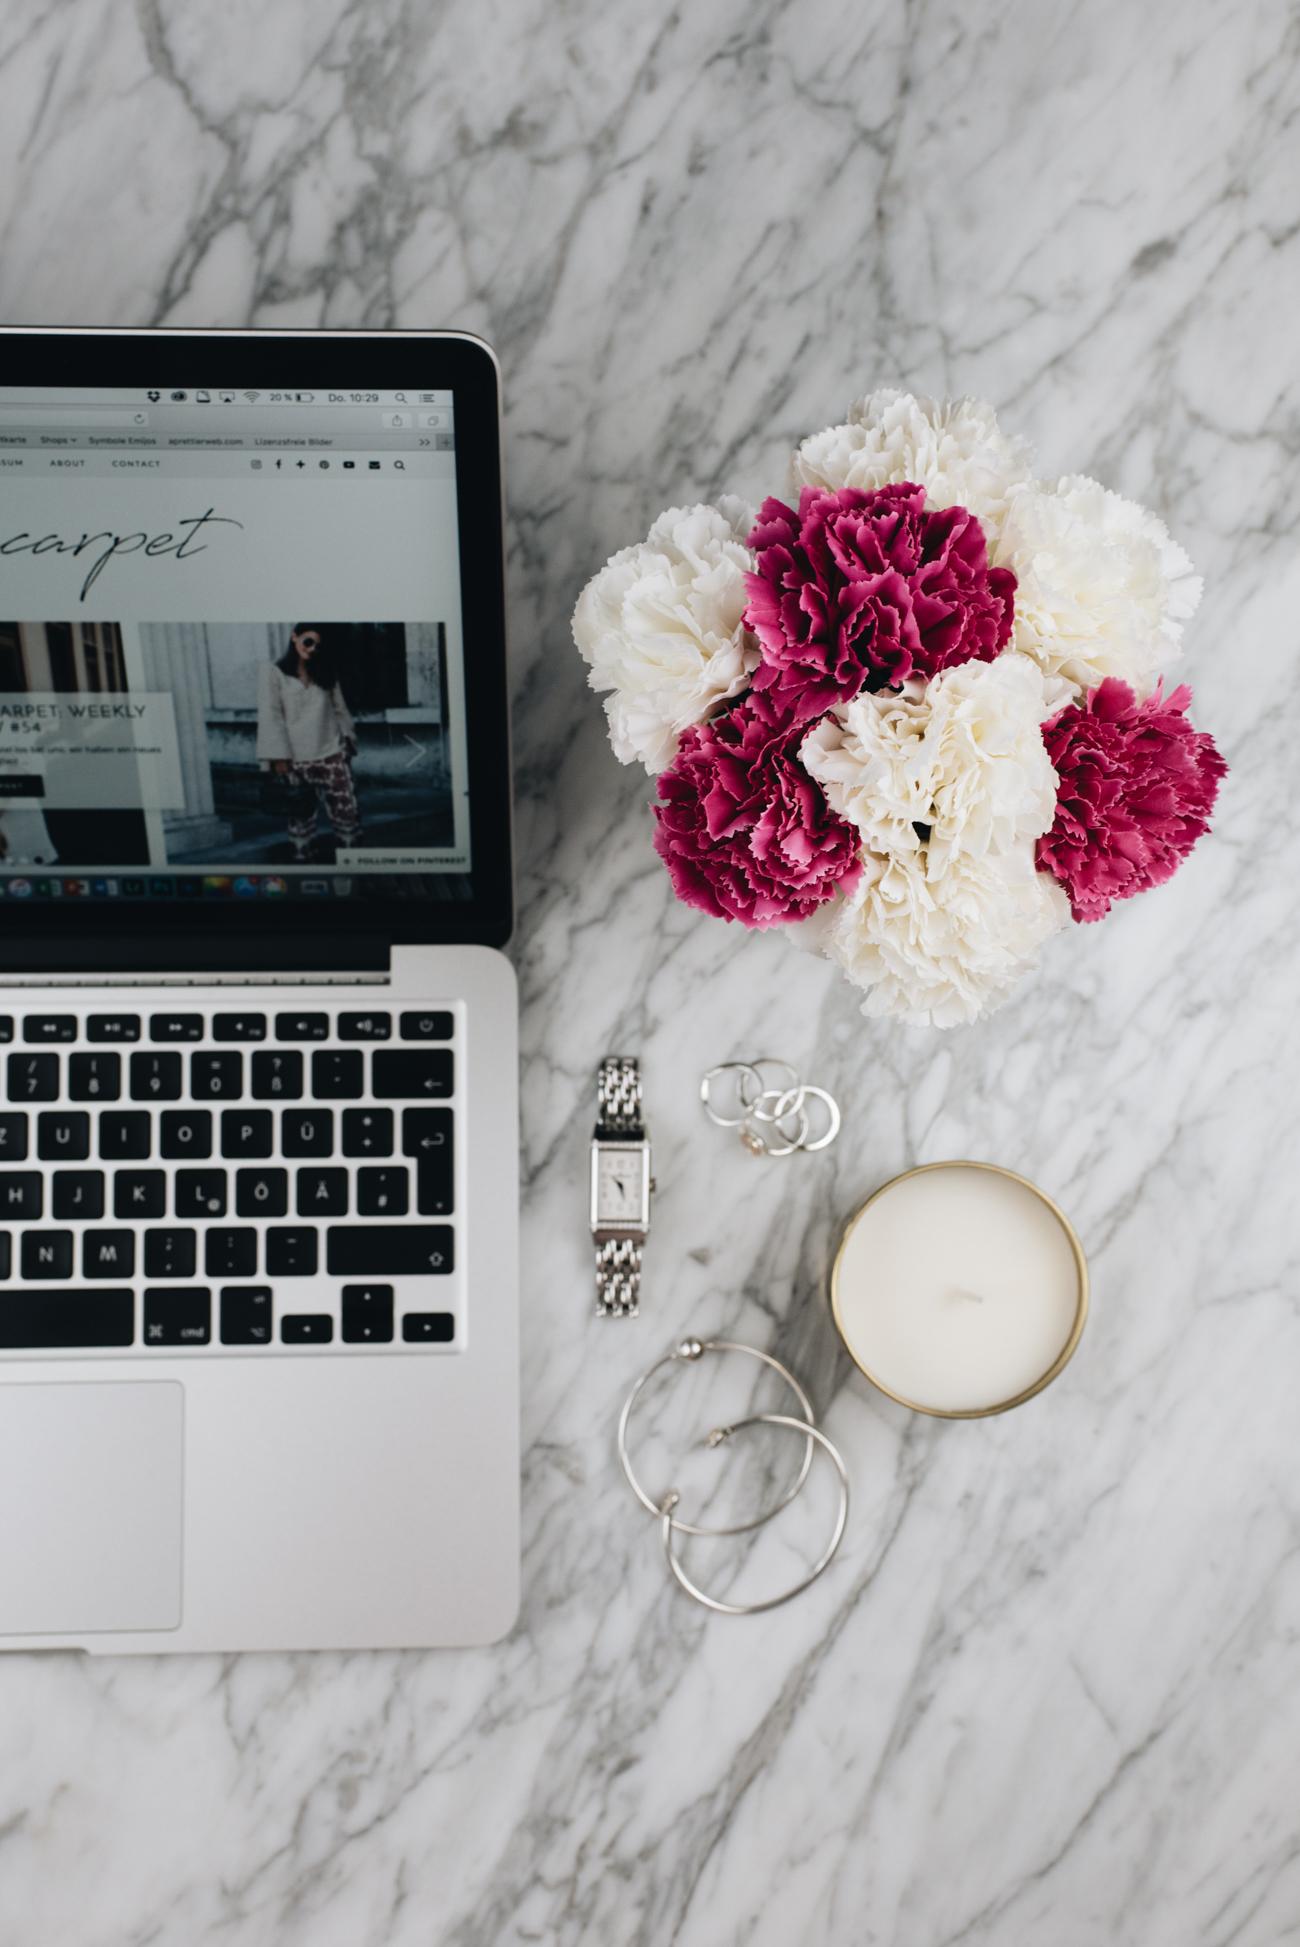 10-blogger-tipps-tricks-fuer-einen-professionellen-blog